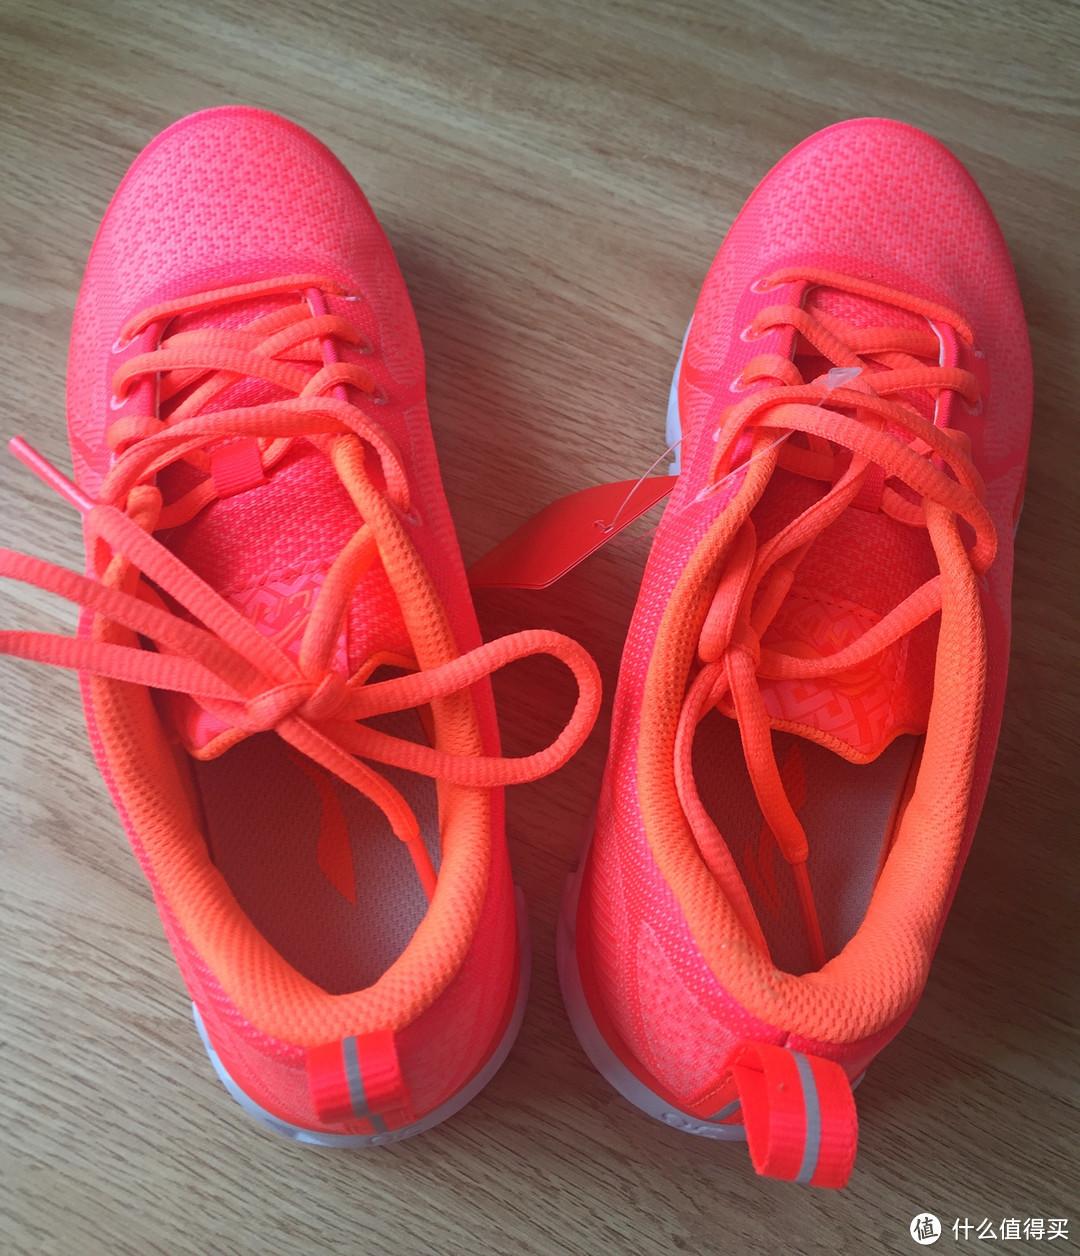 如何选择一款性价比高的跑鞋?LI-NING 李宁 2016新款 弧一体织 减震跑鞋 开箱&体验